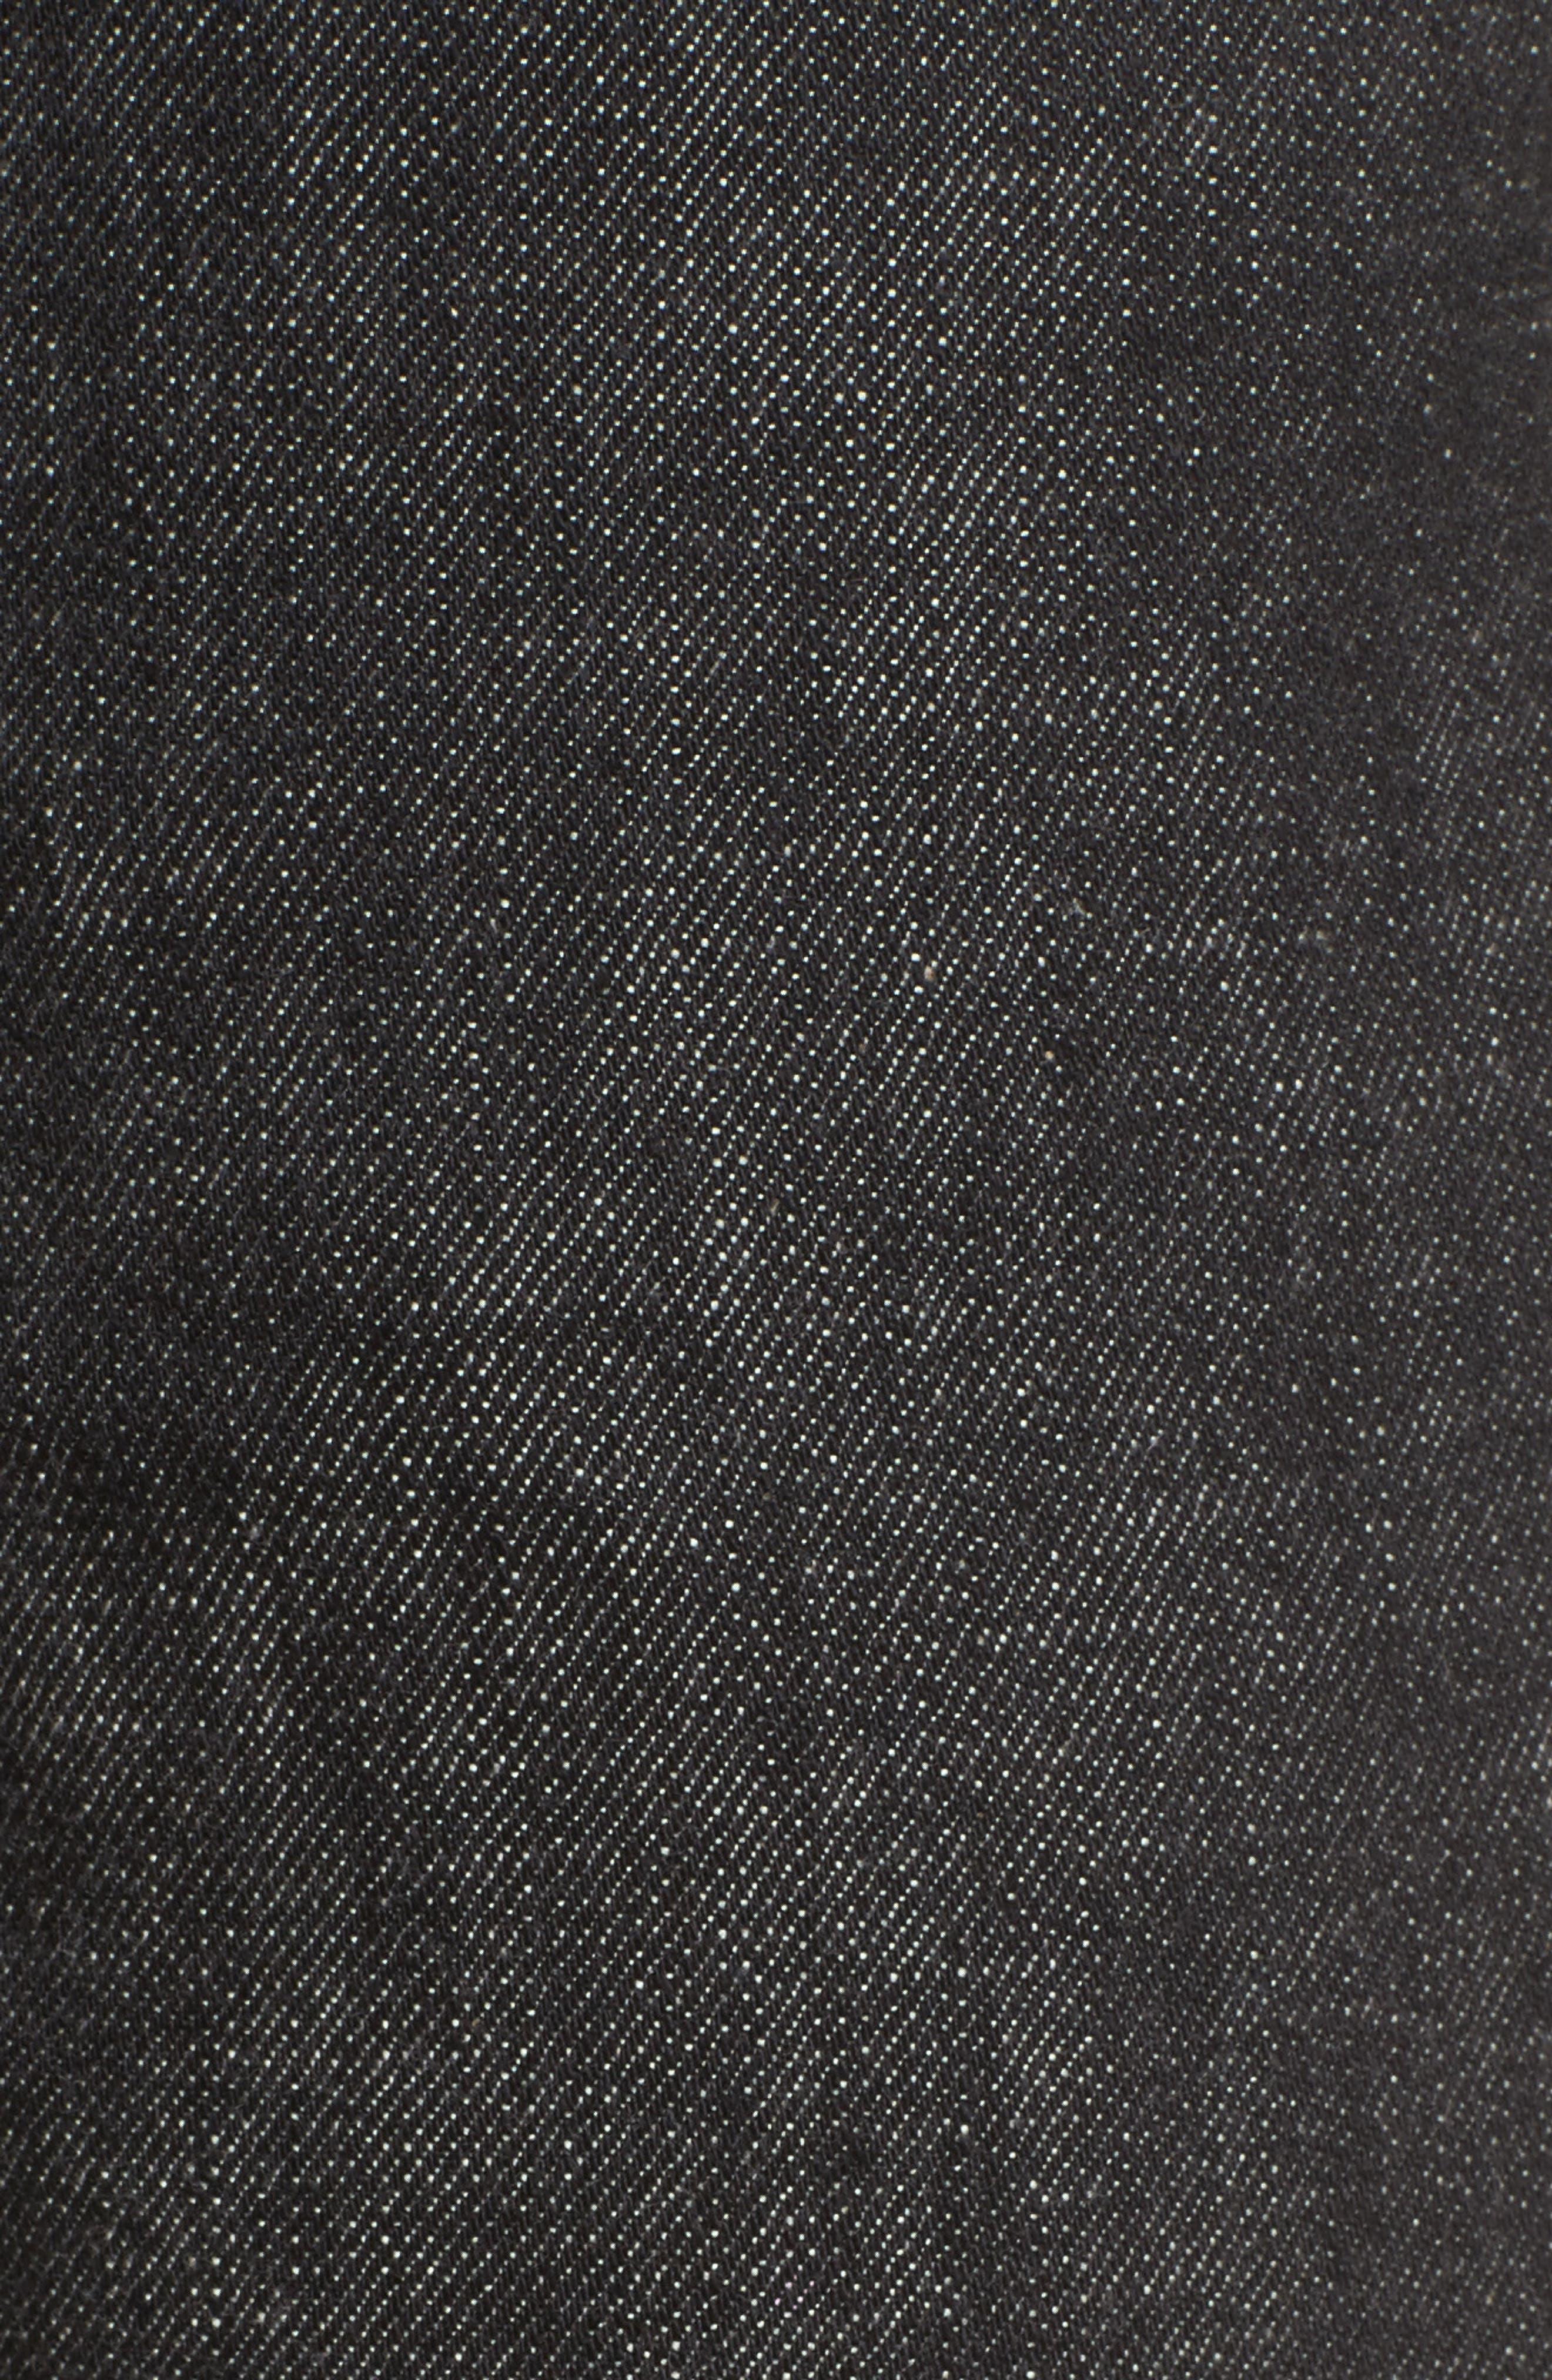 Petite New Standard Jeans,                             Alternate thumbnail 6, color,                             Faux Noir